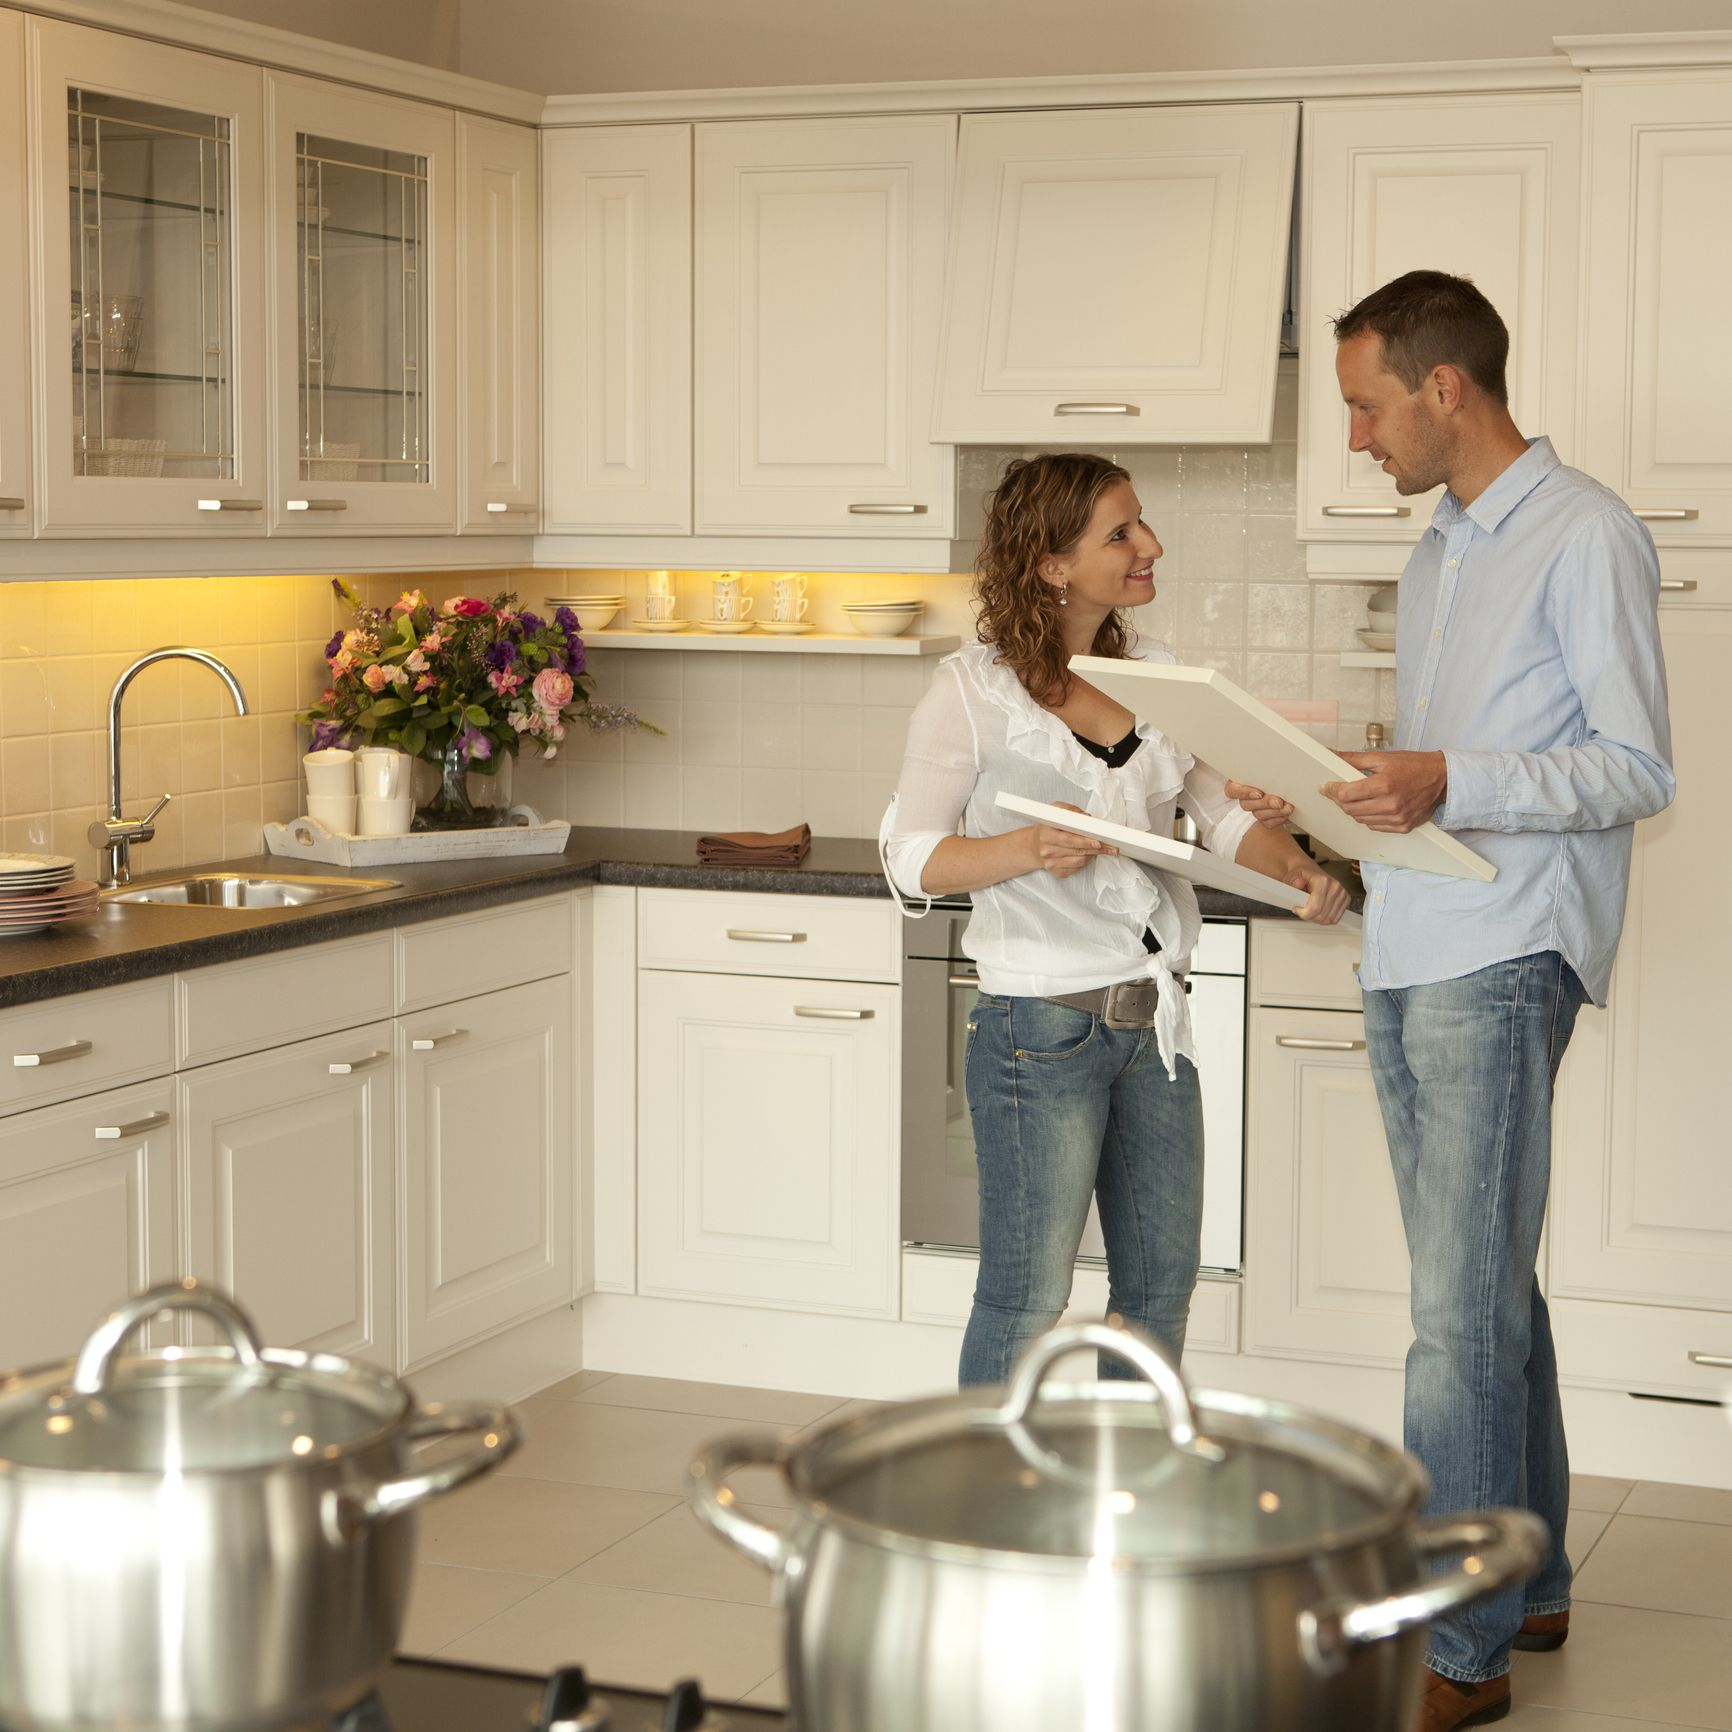 Kitchen Renovation Planner: Kitchen Remodeling: Basic Planning Tips